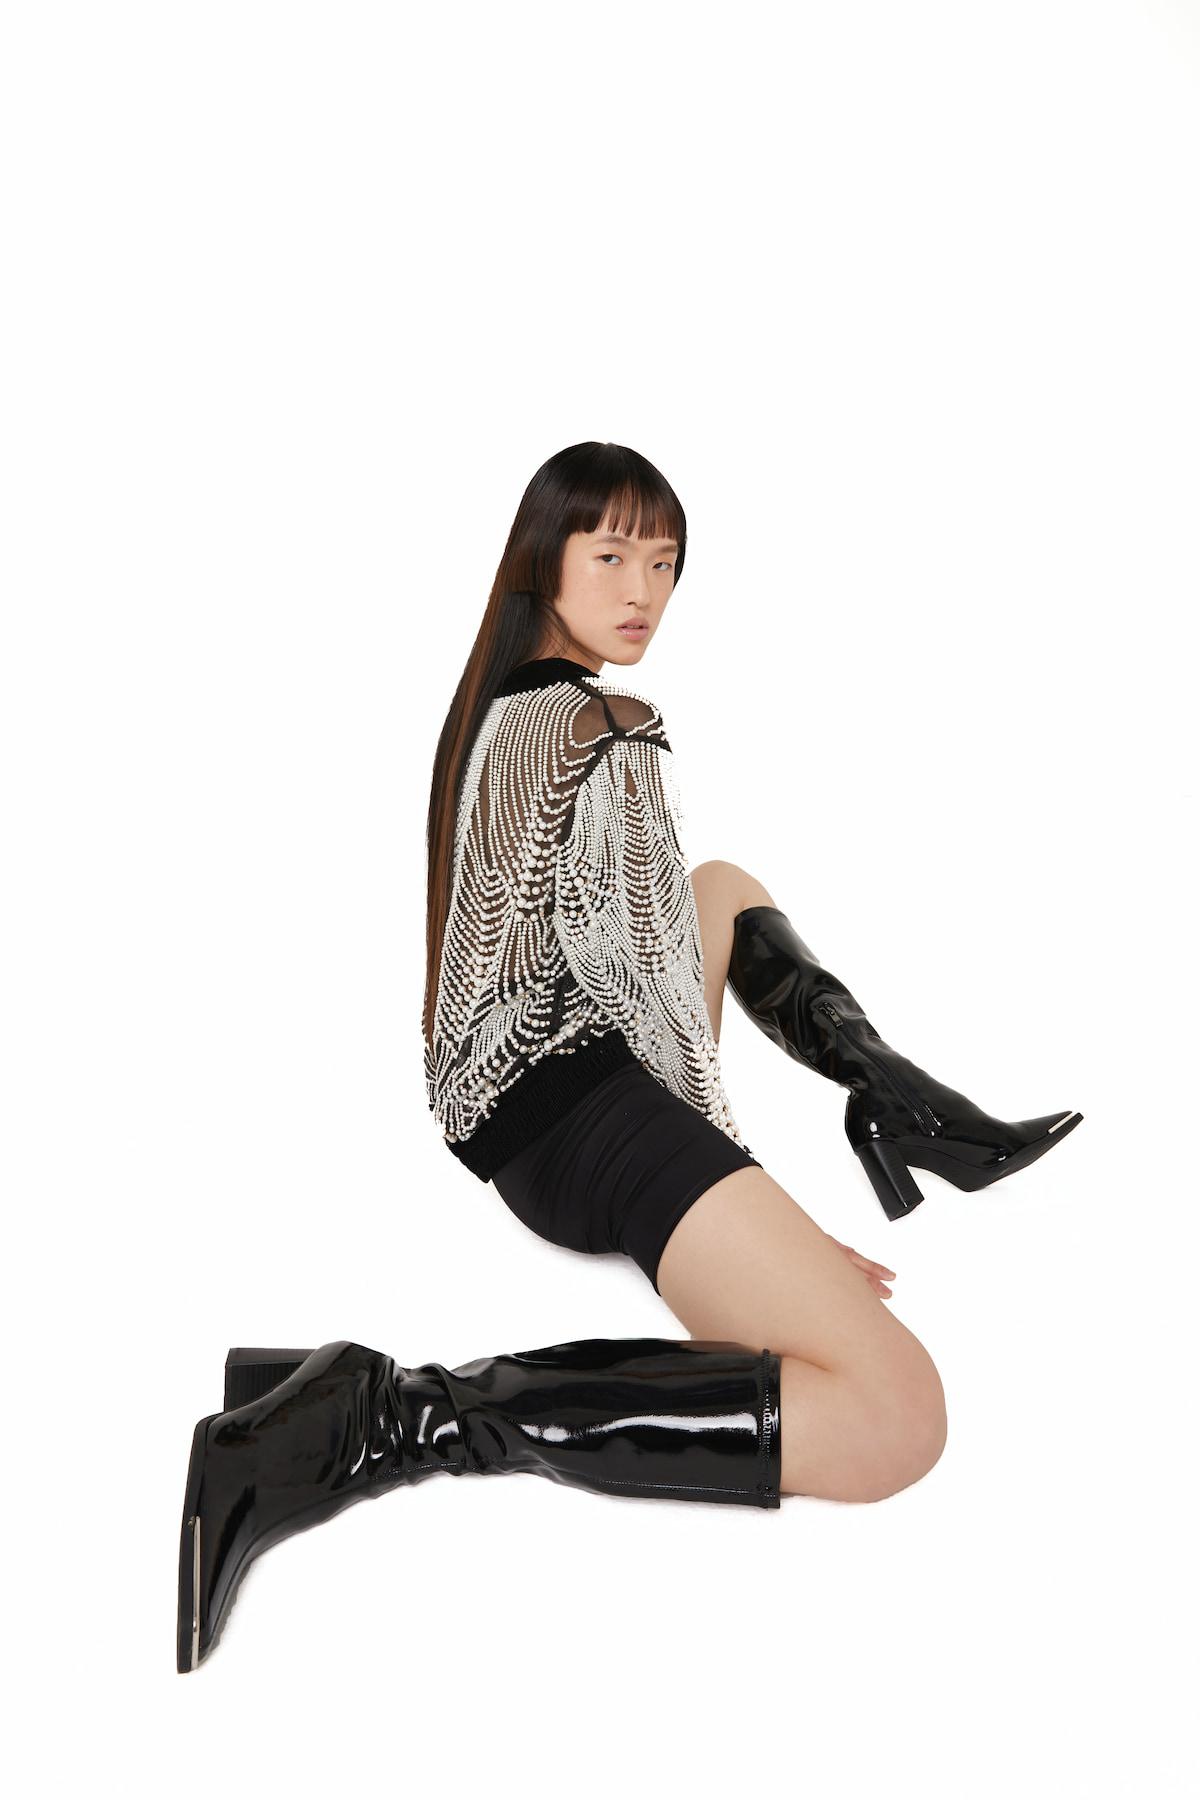 View 5 of model wearing Ktak Bomber in black.